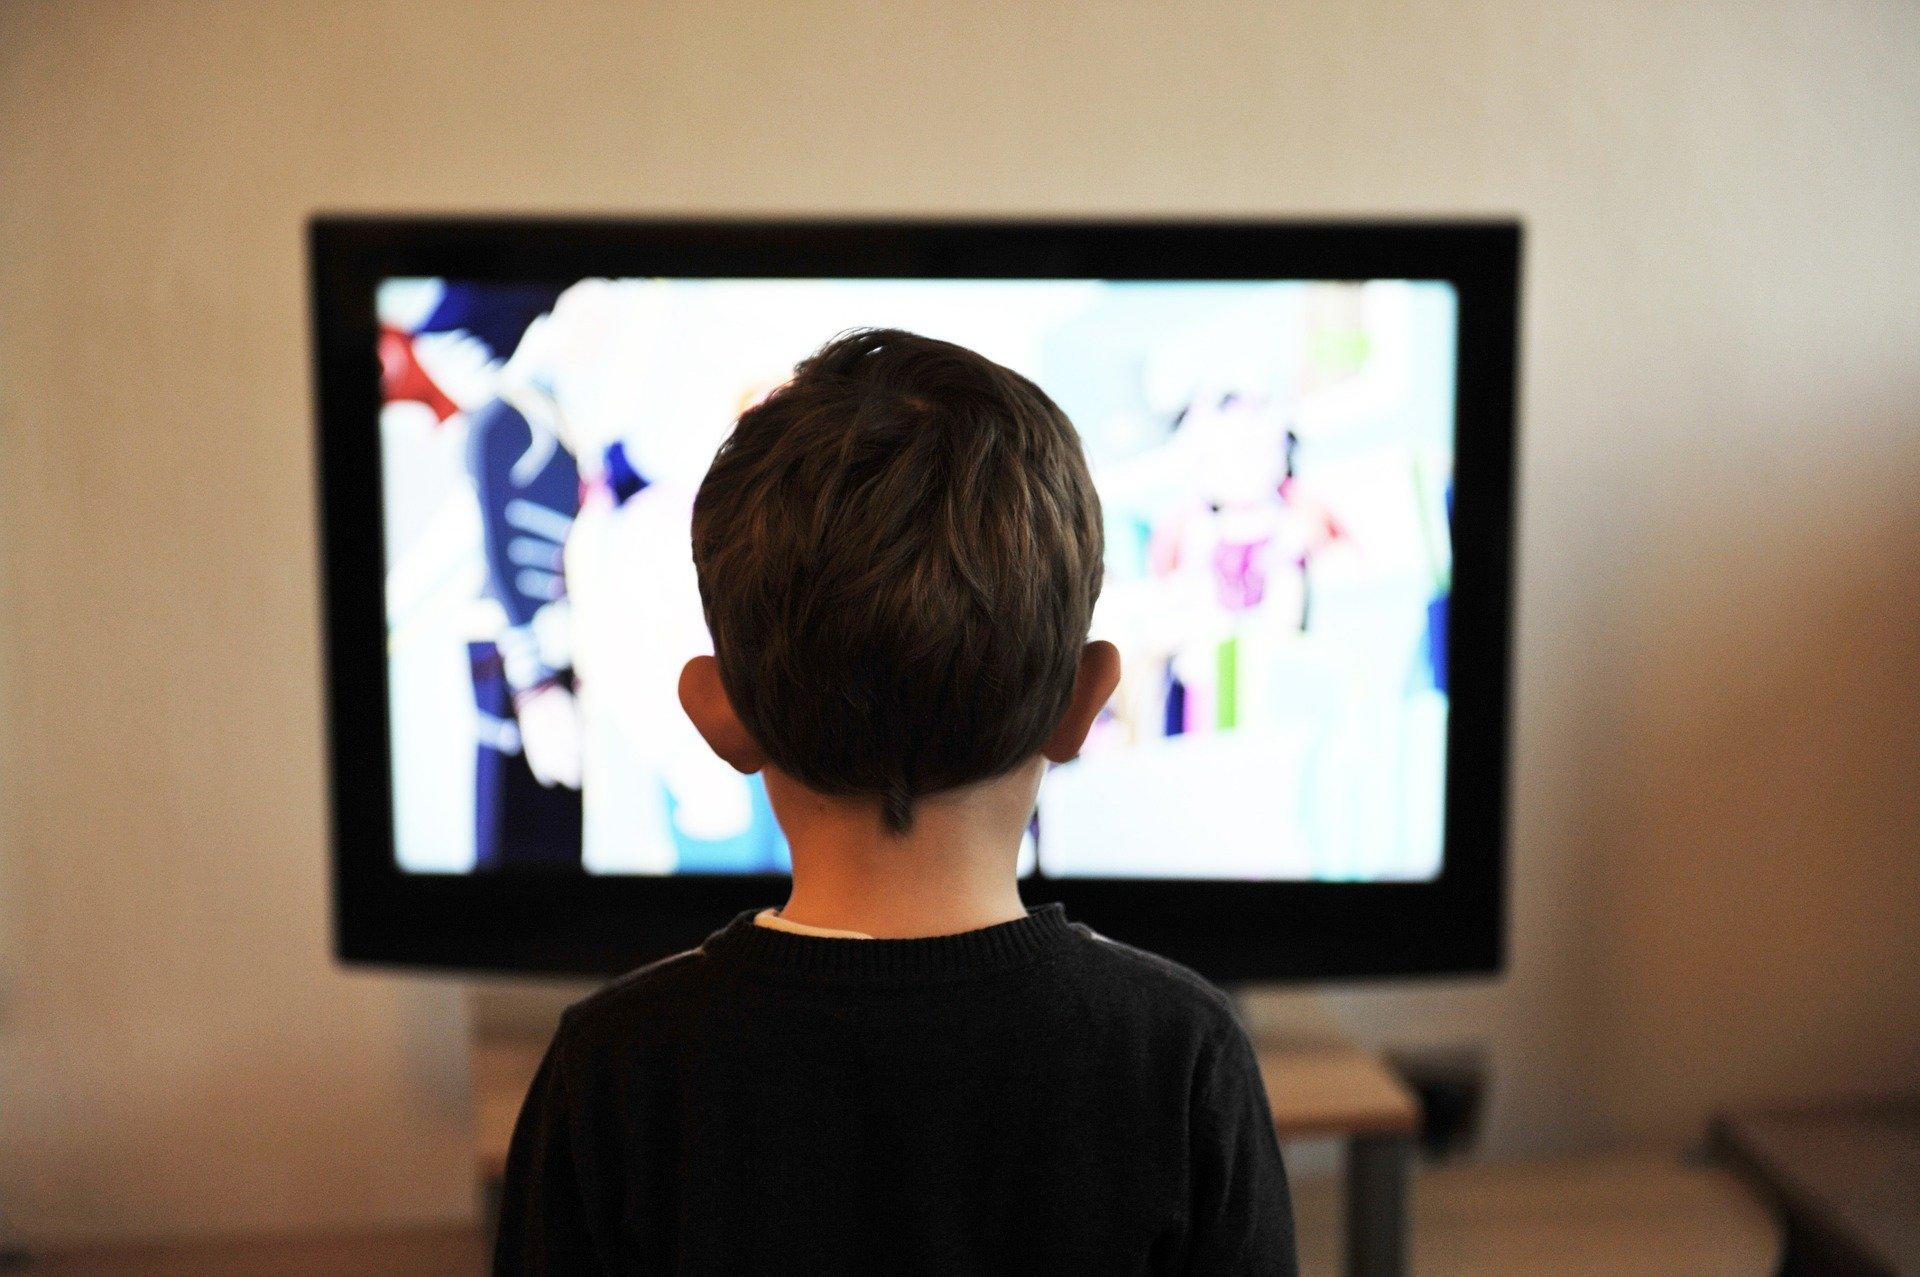 Nuevas opciones de seguridad y bienestar digital para los más jóvenes en YouTube y YouTube Kids